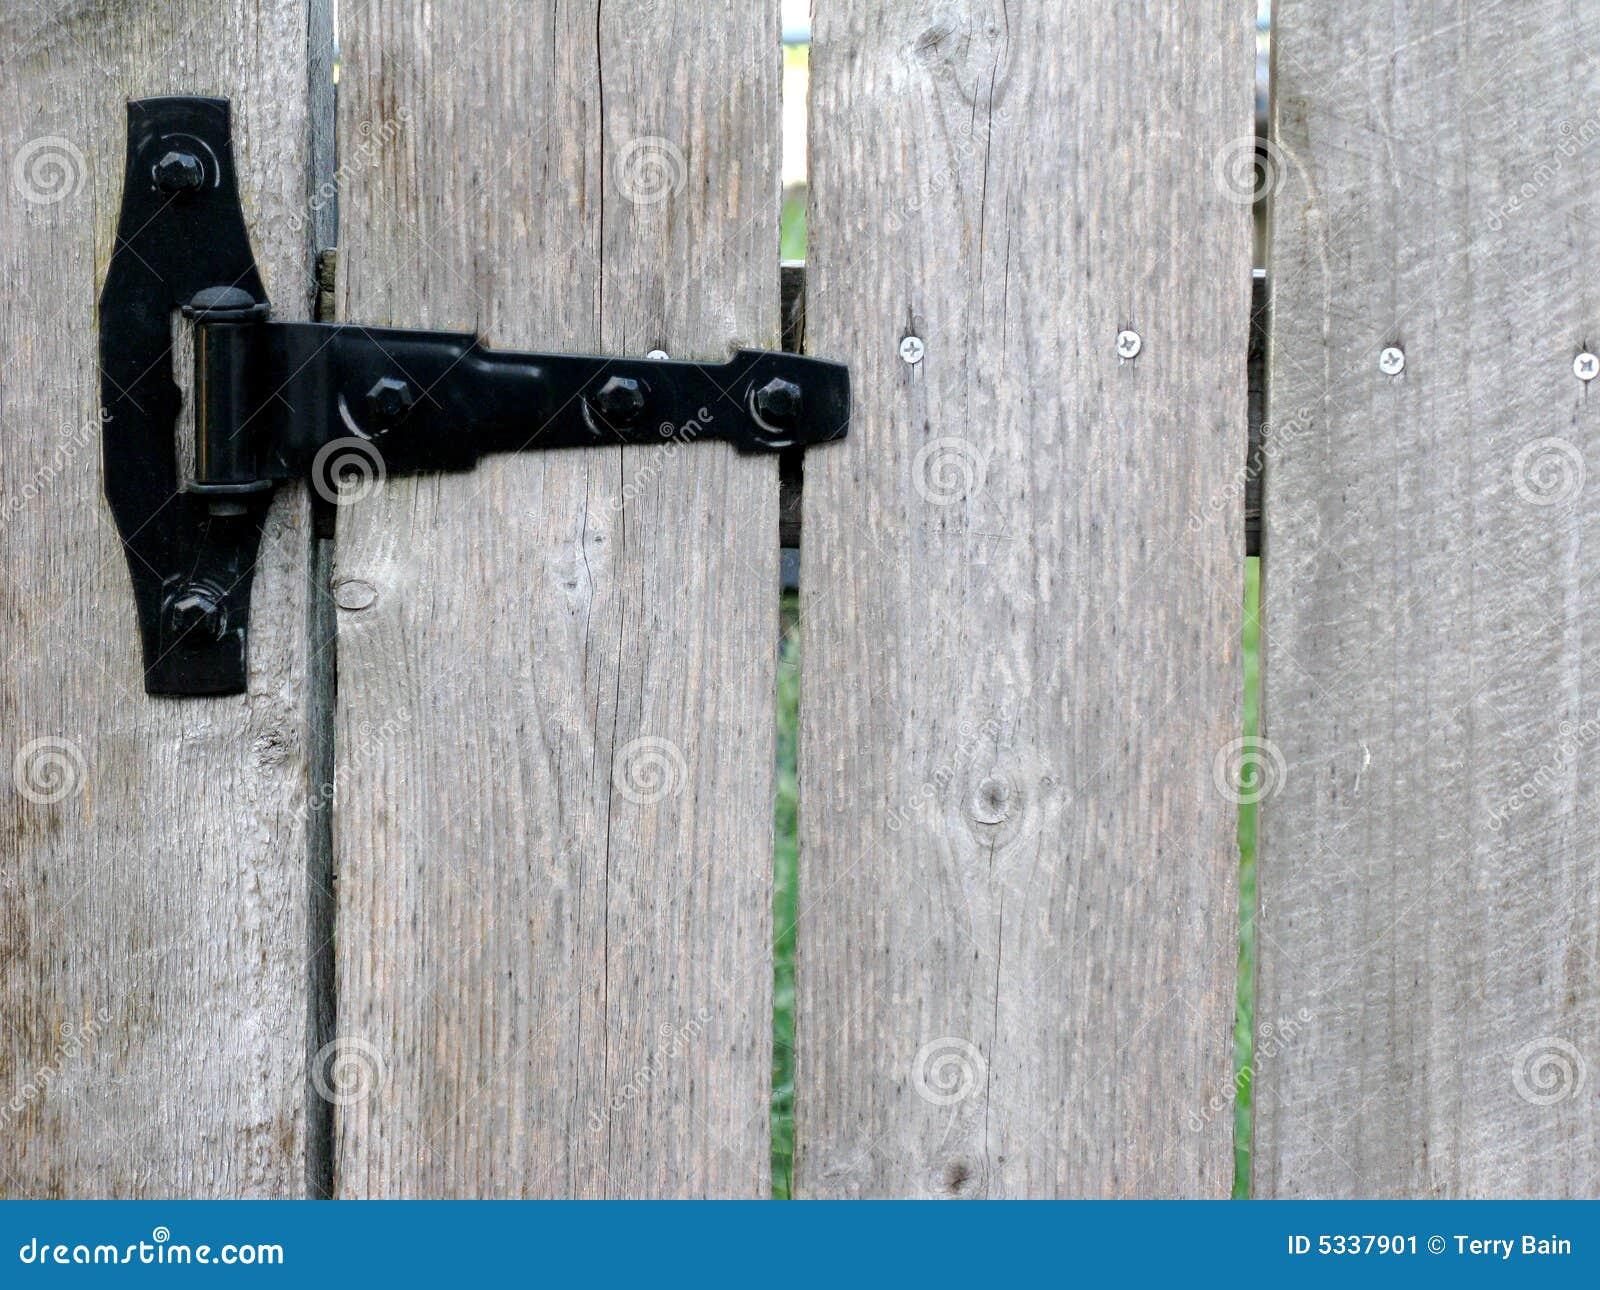 scharnier von gartentor stockbild. bild von durchführung - 5337901